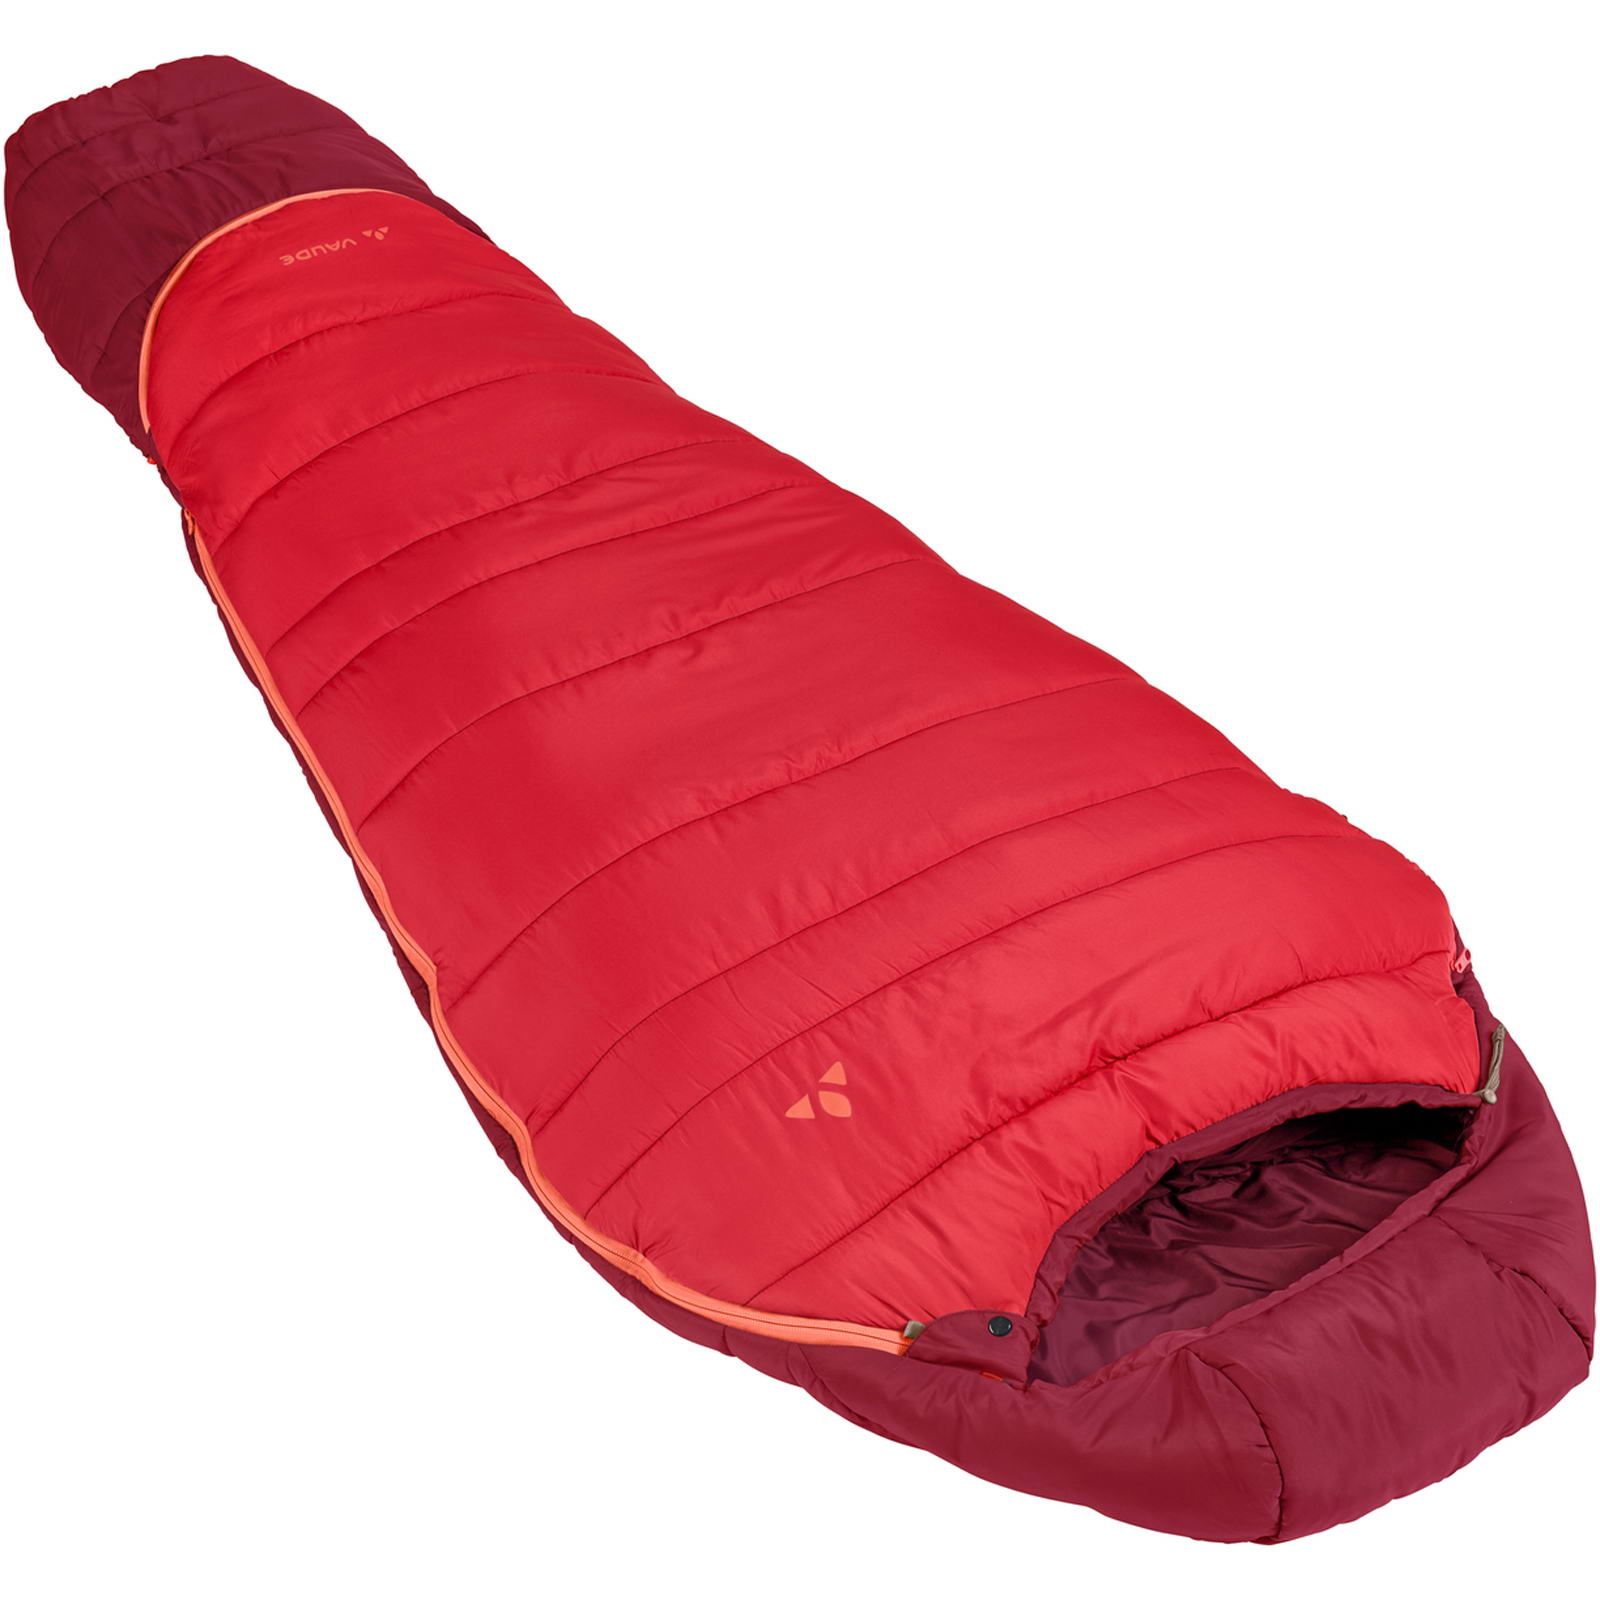 großes Sortiment unverwechselbarer Stil 50-70% Rabatt VAUDE Kobel Adjust 500 SYN - Kinder- und Jugend-Schlafsack